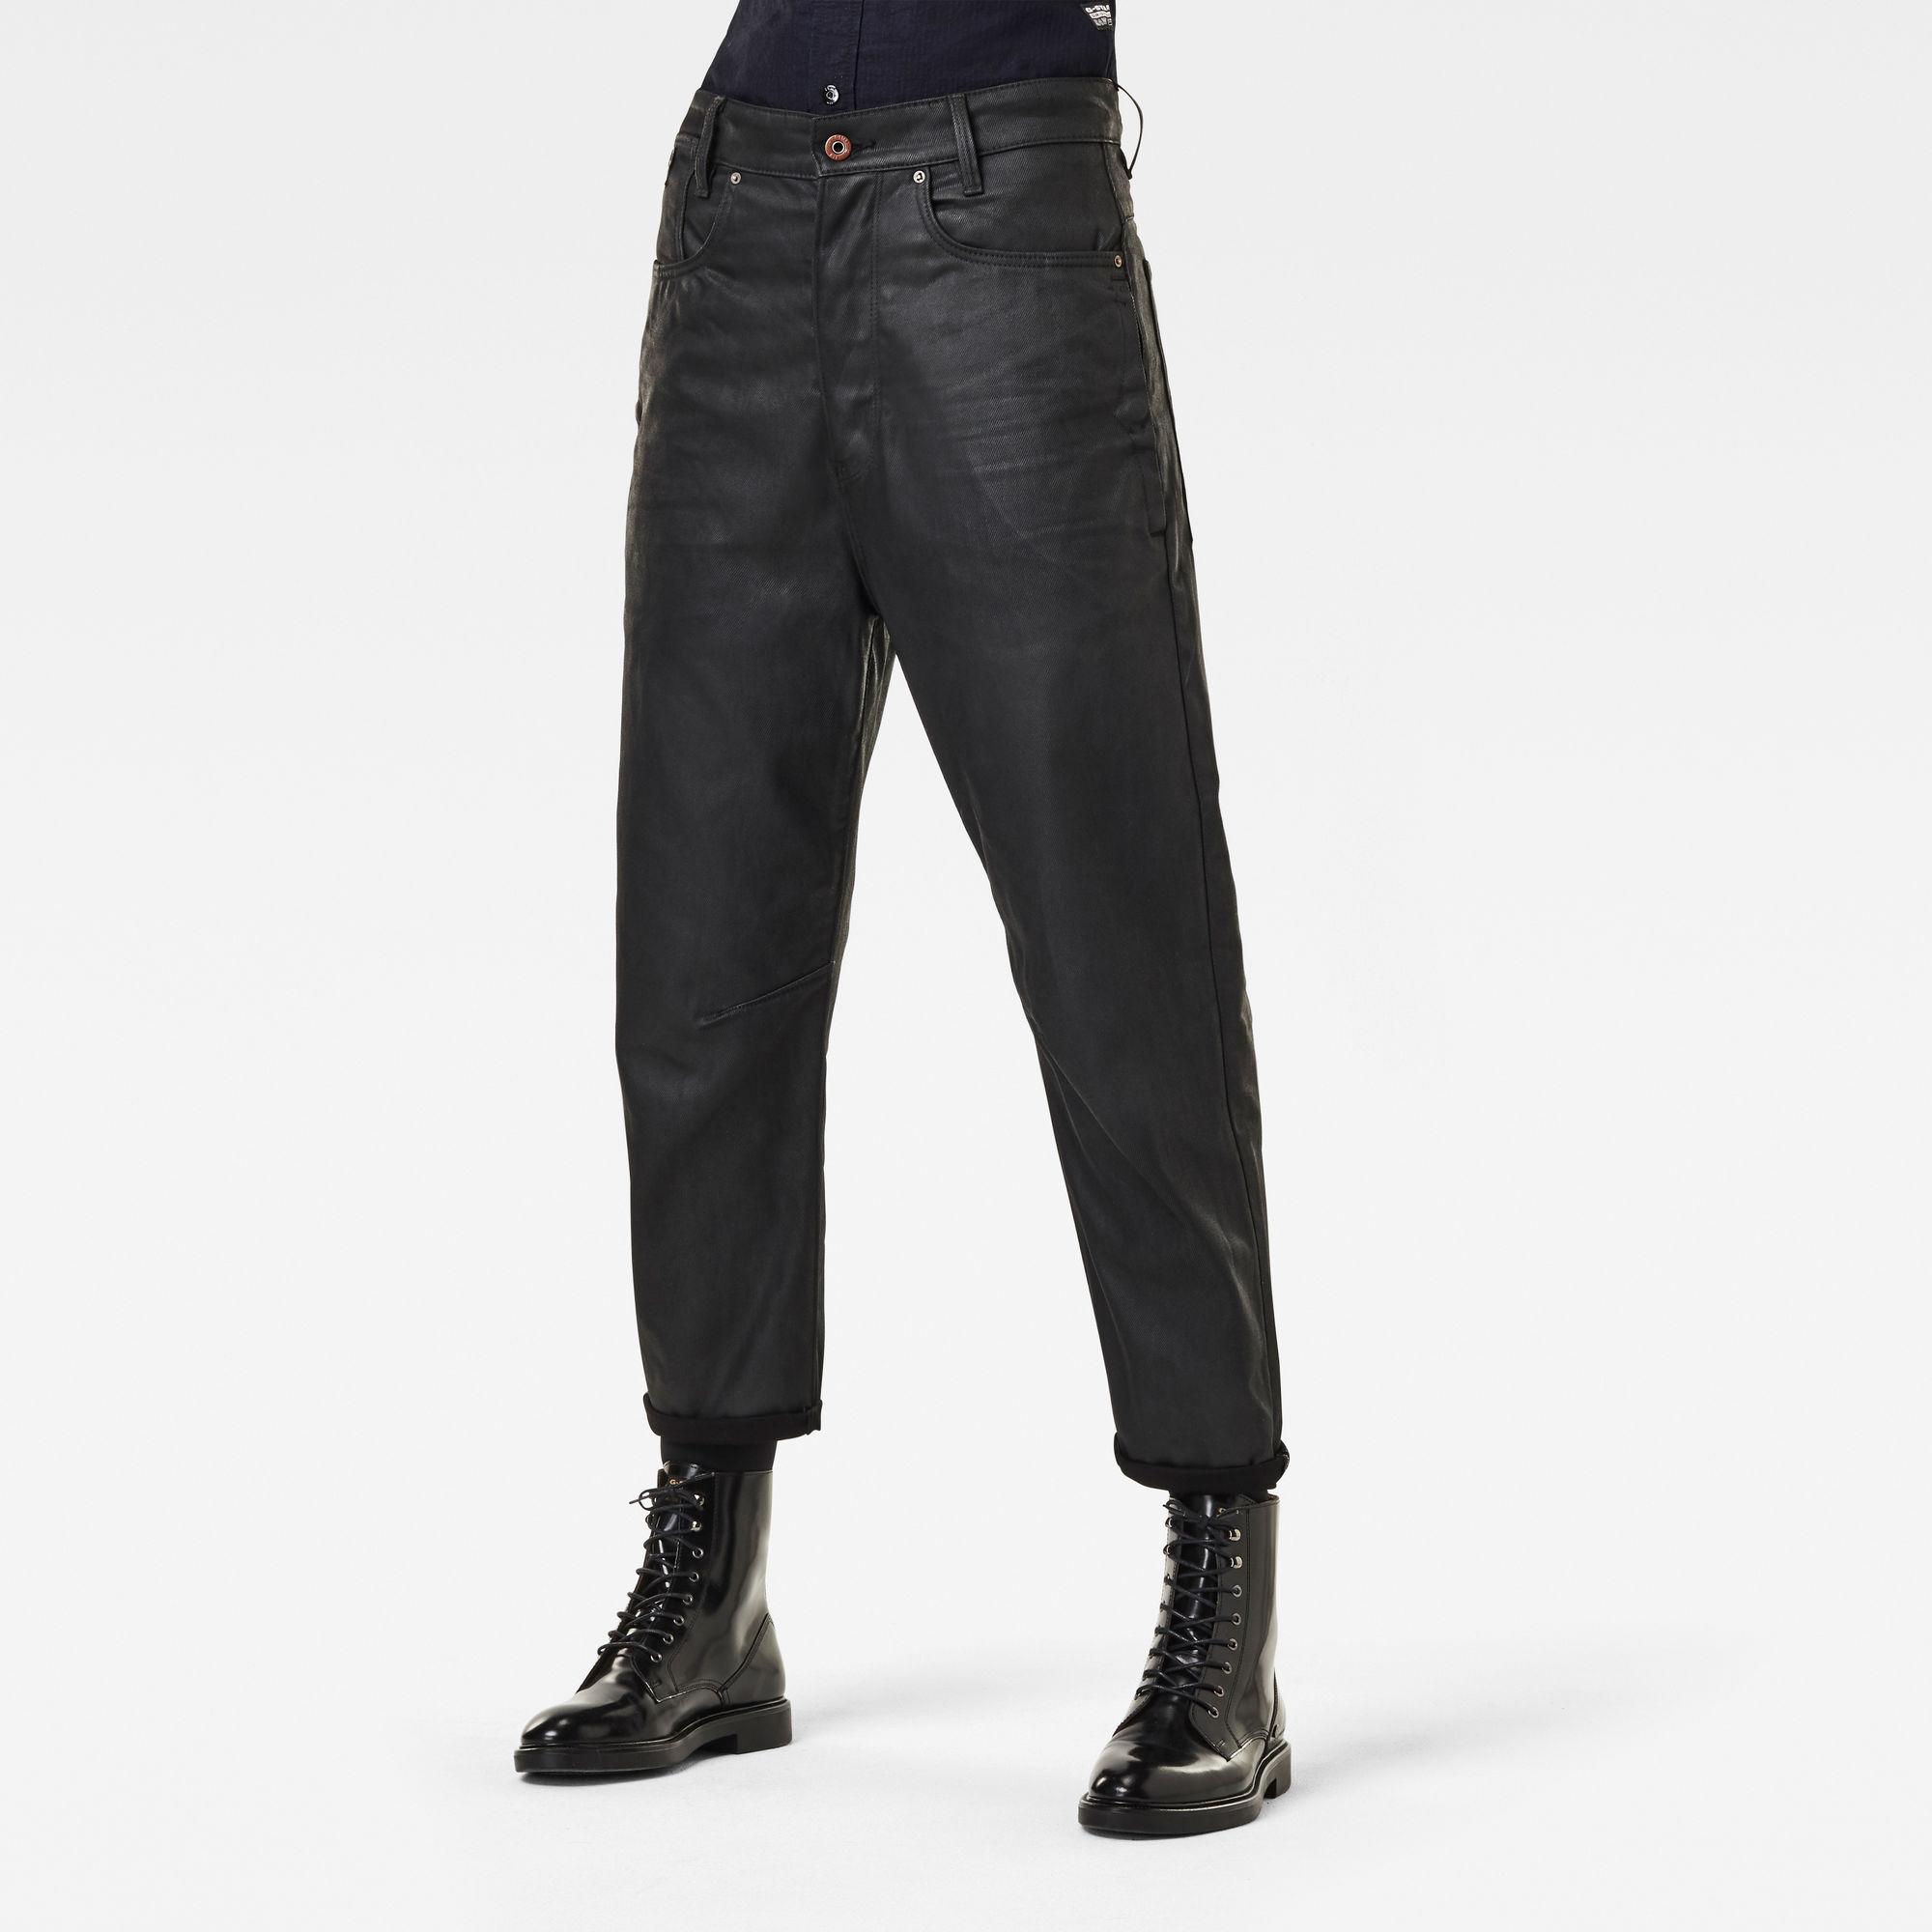 G-Star RAW Dames C-Staq 3D Boyfriend Crop Jeans Zwart